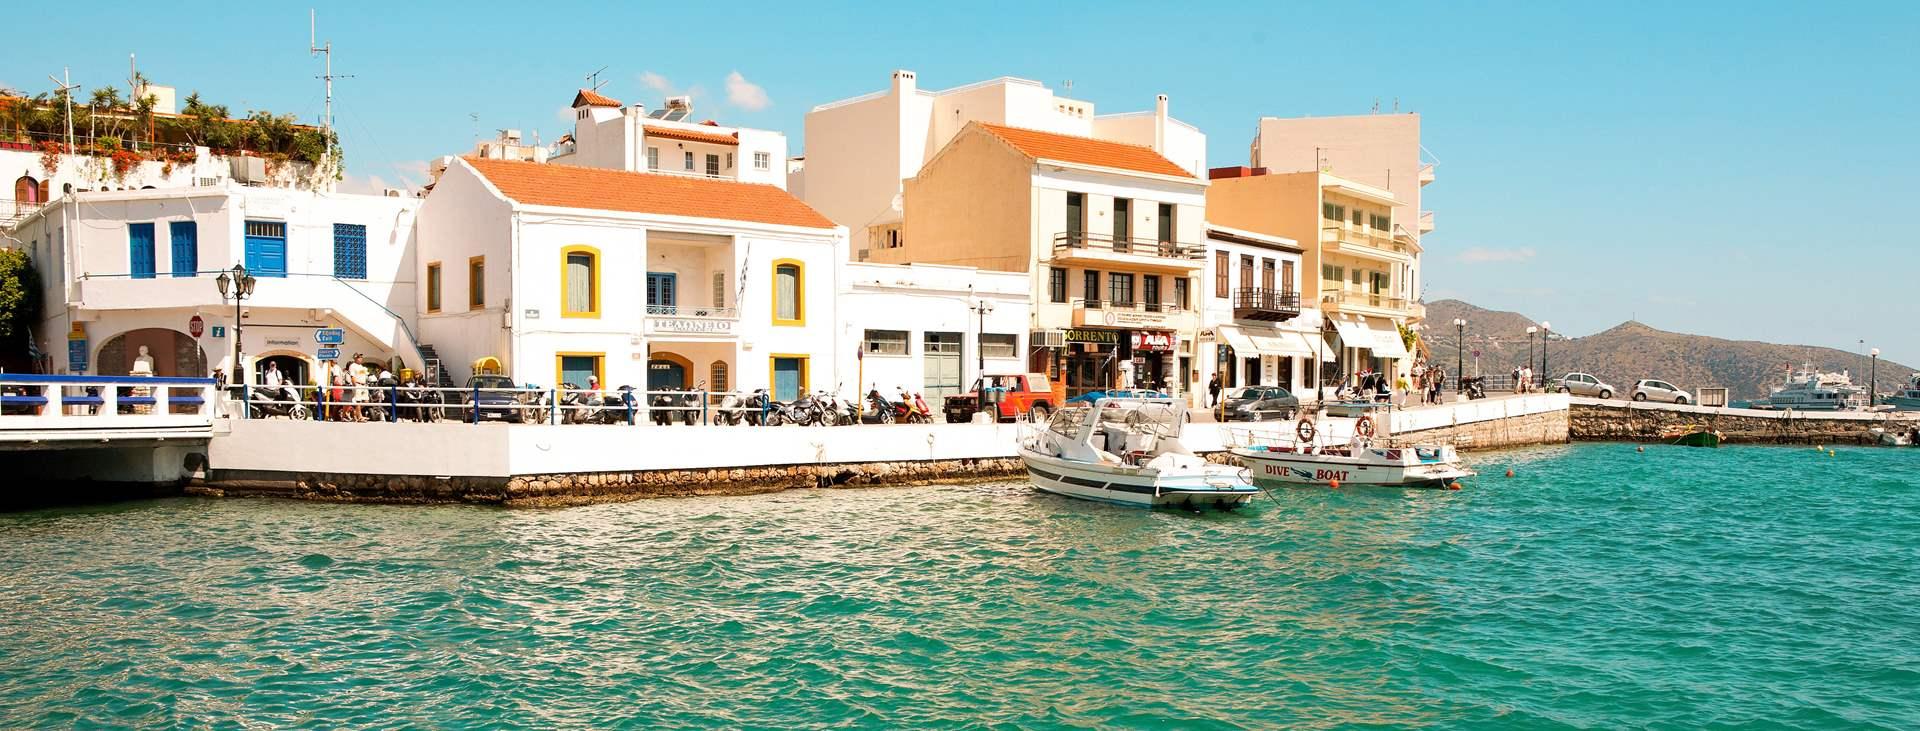 Bestill en reise til Agios Nikolaos i Hellas med Ving